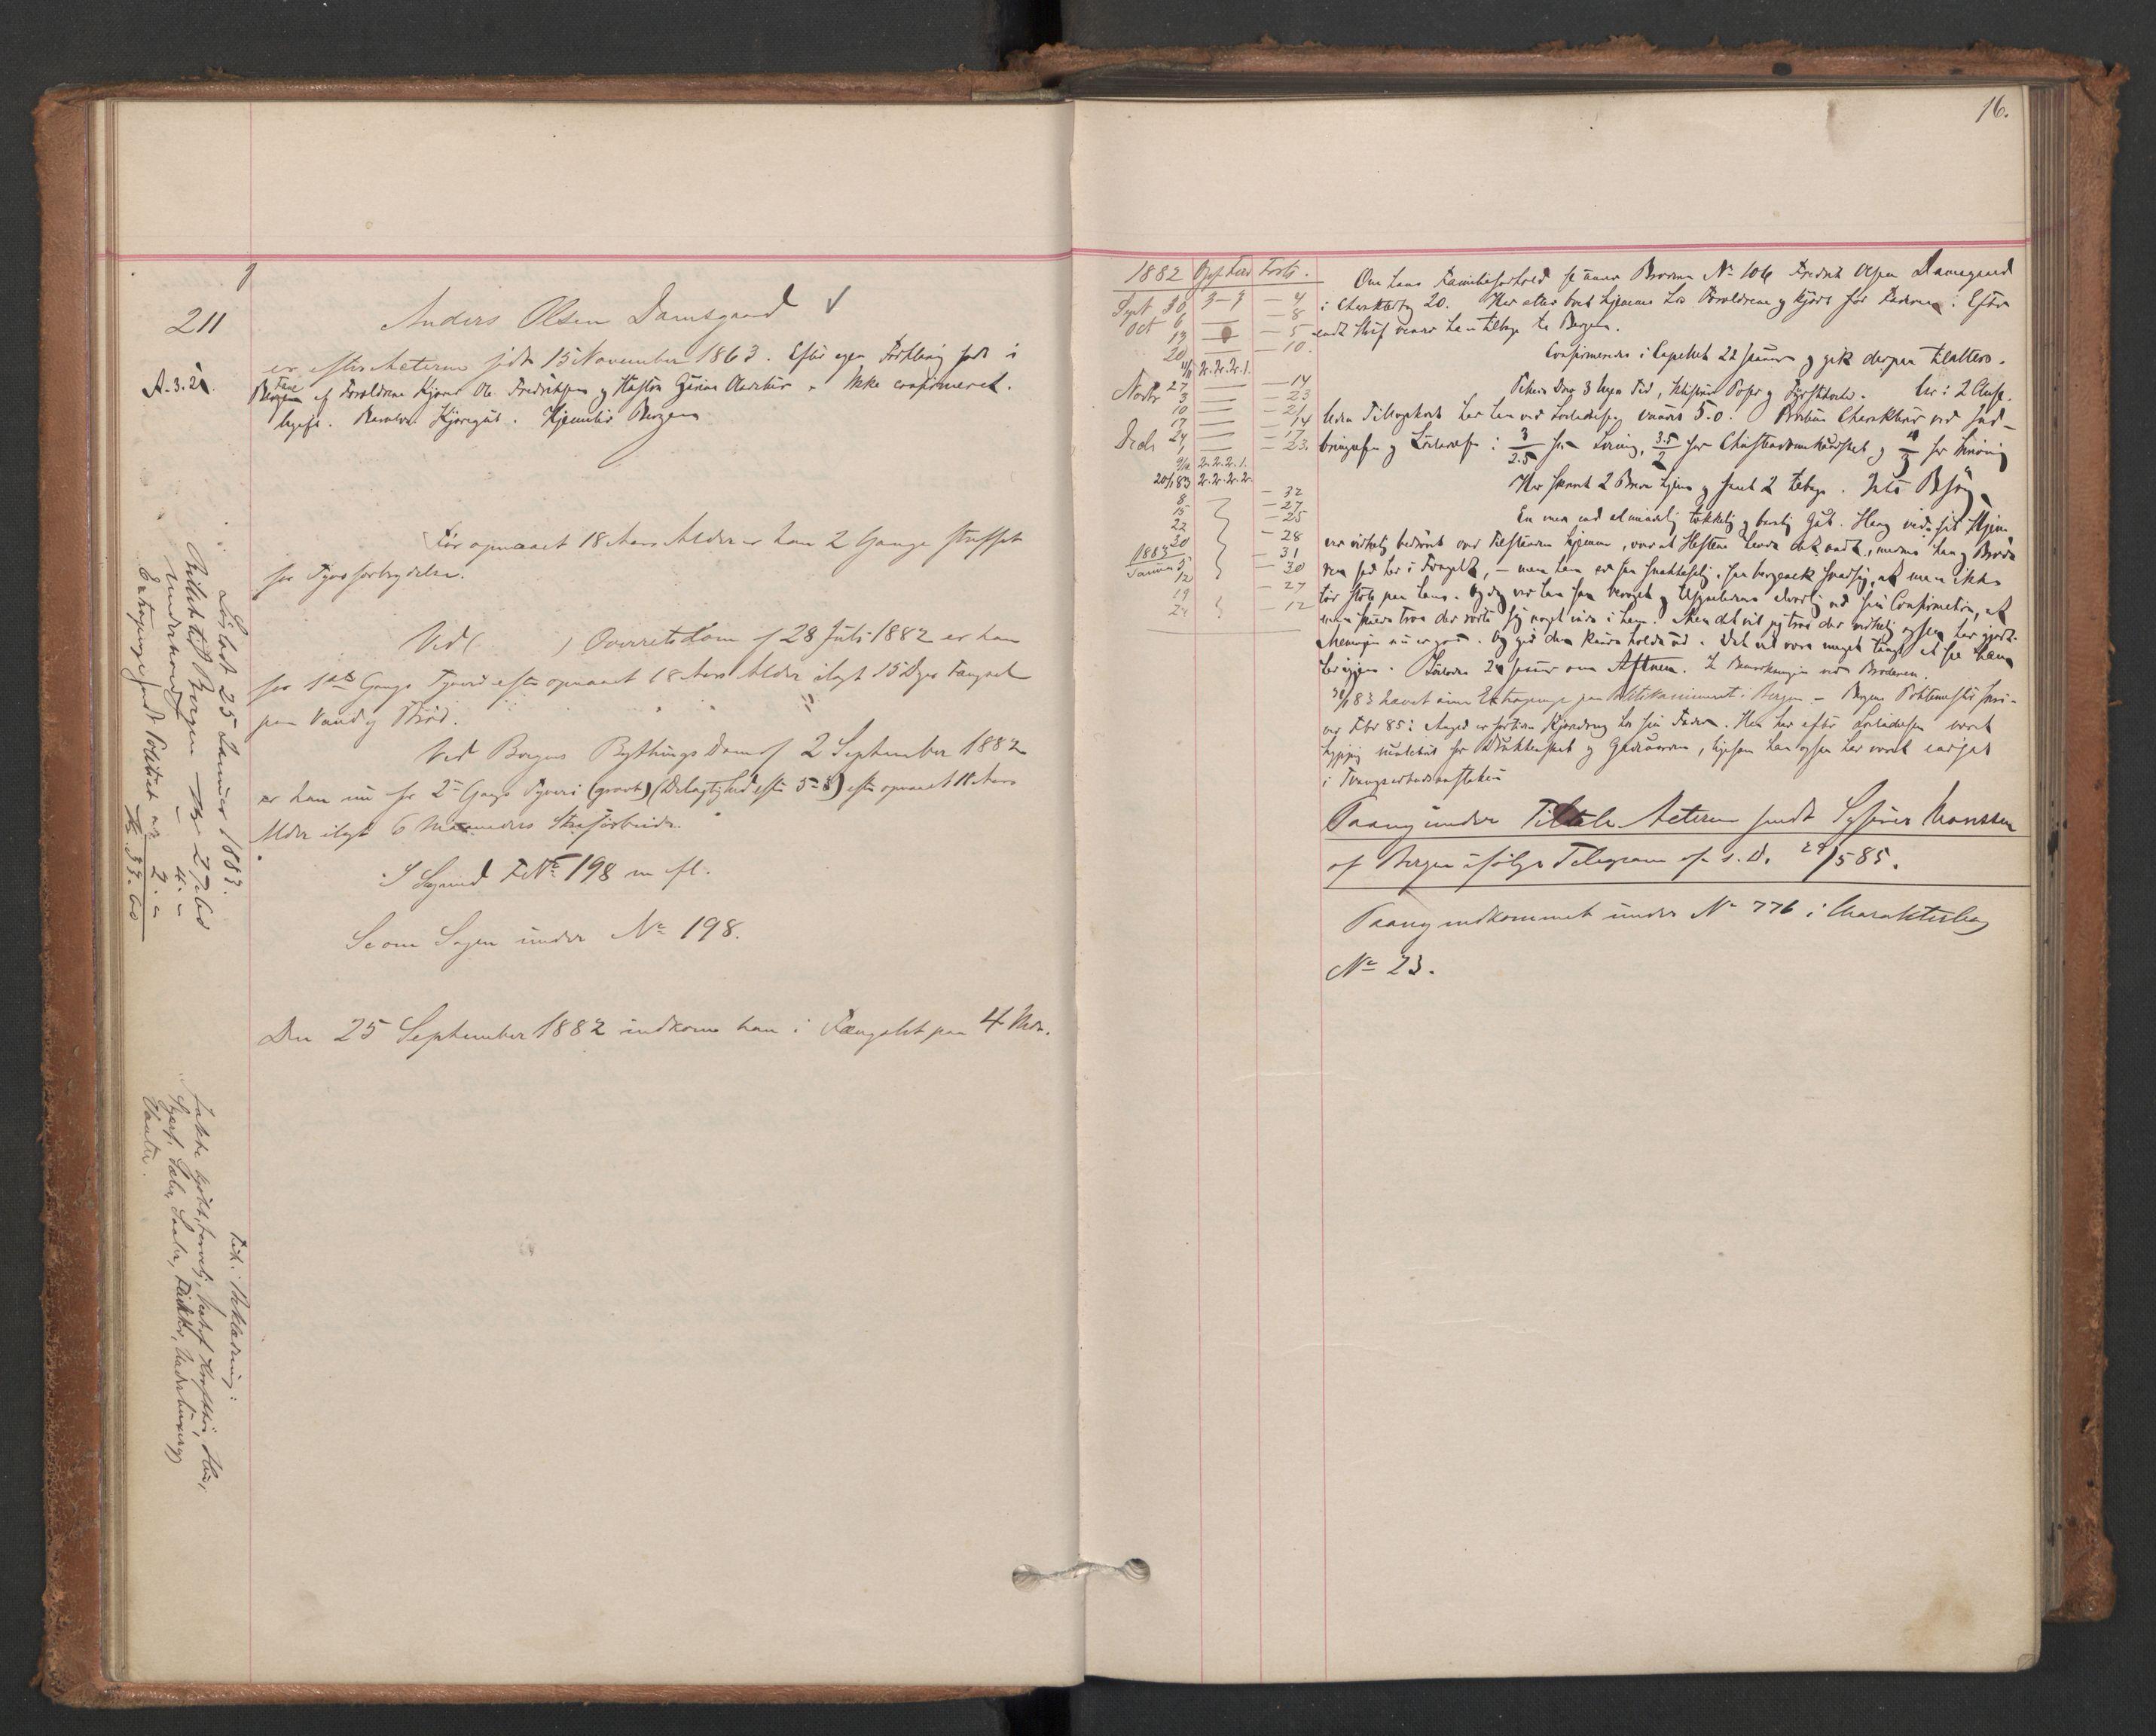 RA, Botsfengslet, D/Db/Dbb/L0021: 196g - 484g, 1882-1884, s. 16